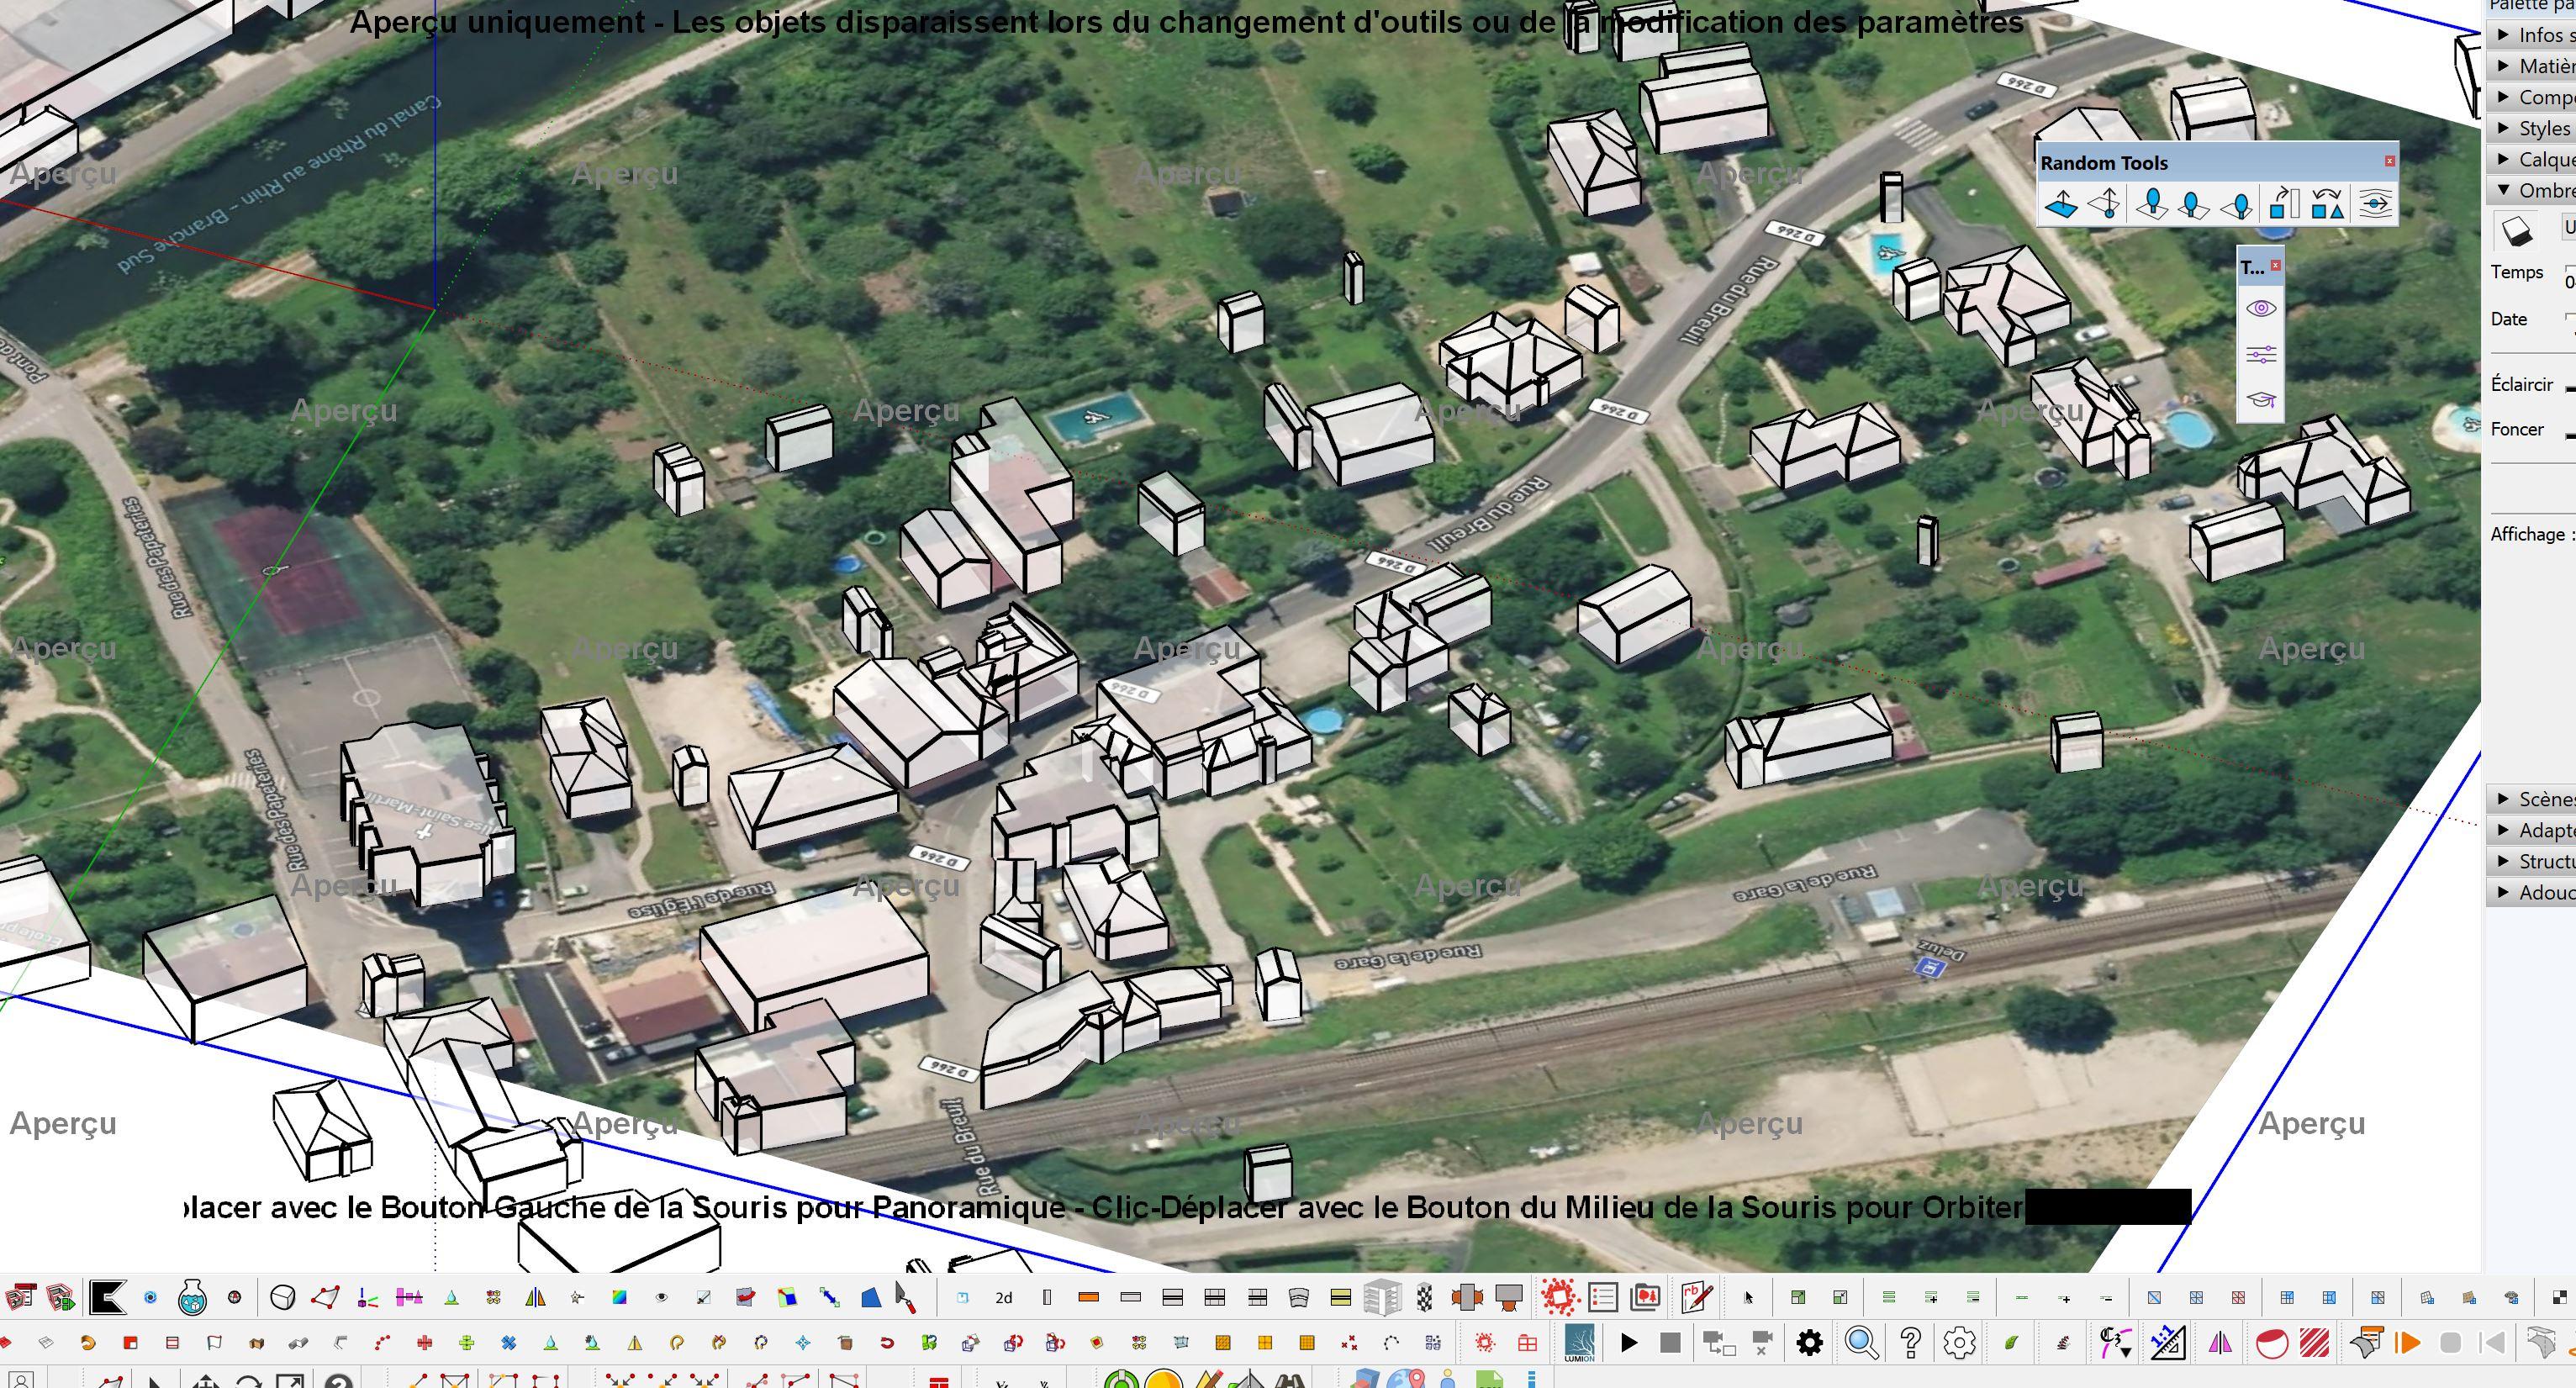 [AUTRES LOGICIELS ] Transformation Image google earth vers axonométrie ville Captu275